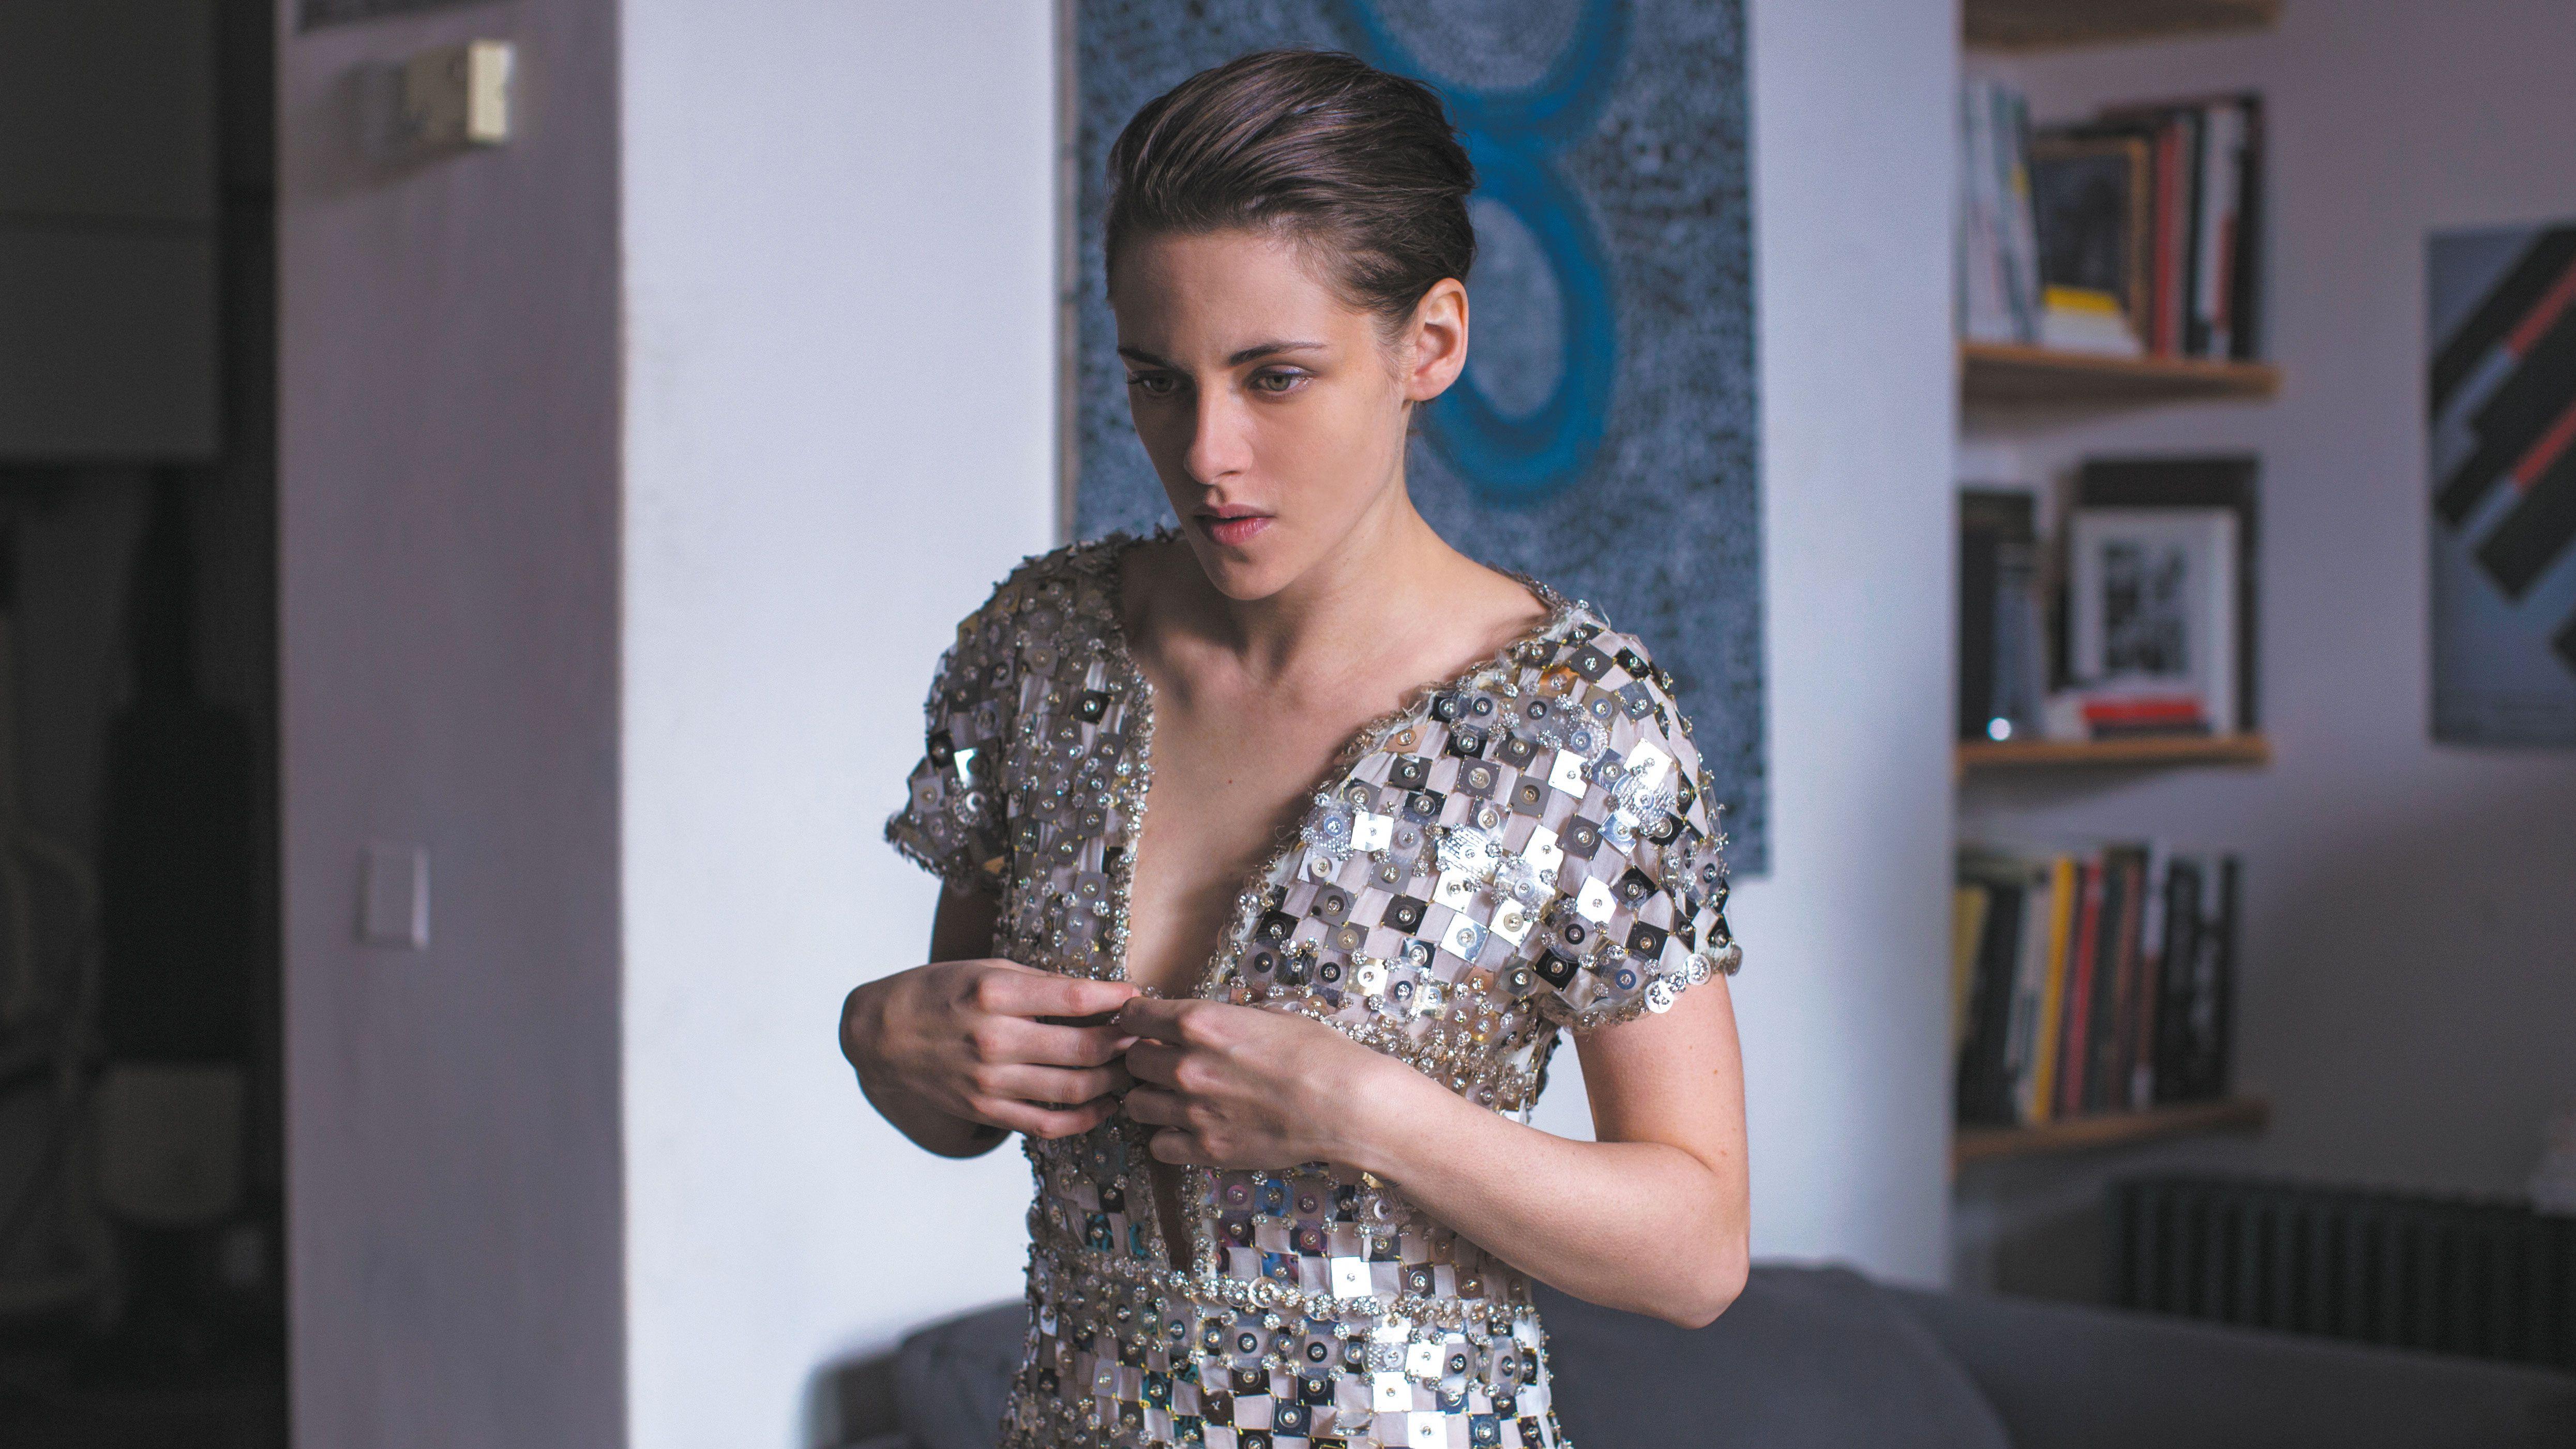 Inside The Dark Glamorous World Of The Kristen Stewart Flick